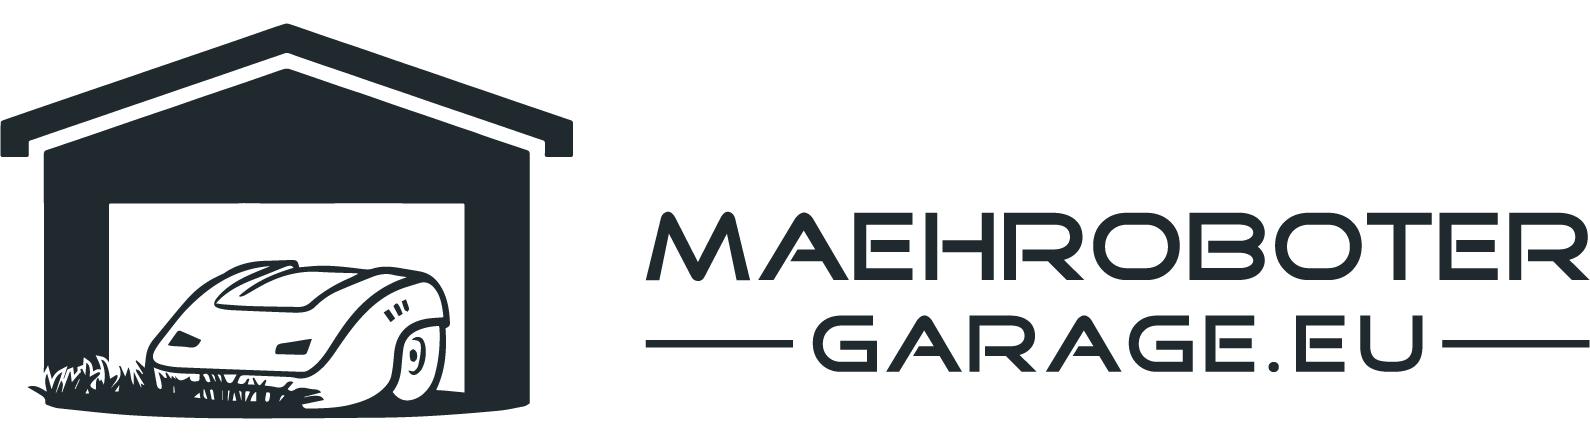 Nachhaltige Mähroboter Garagen online kaufen | Onlineshop für vormontierte Maehroboter Garagen